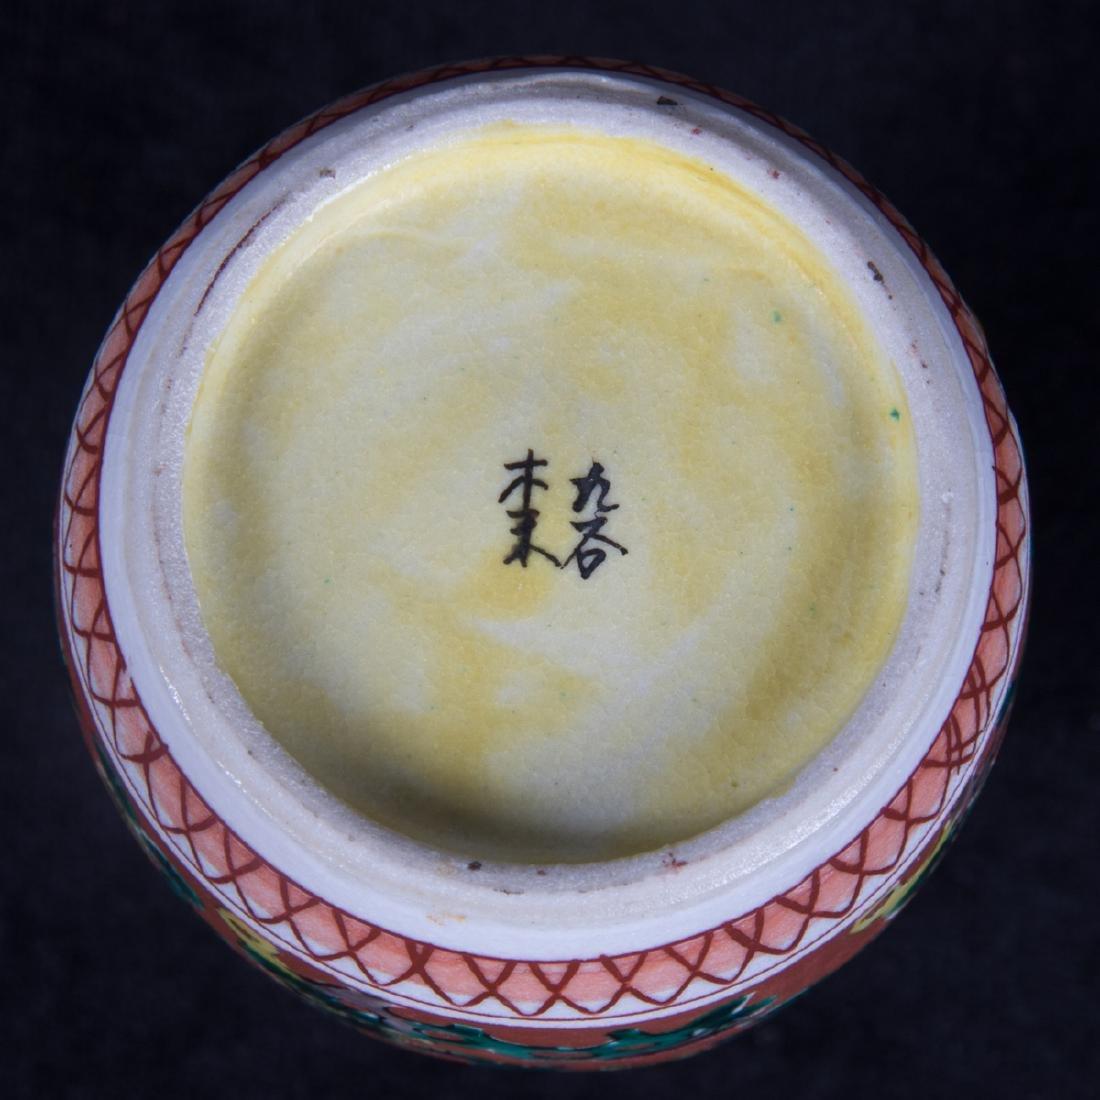 A Group of Five Japanese Porcelain Sake Bottles of - 8